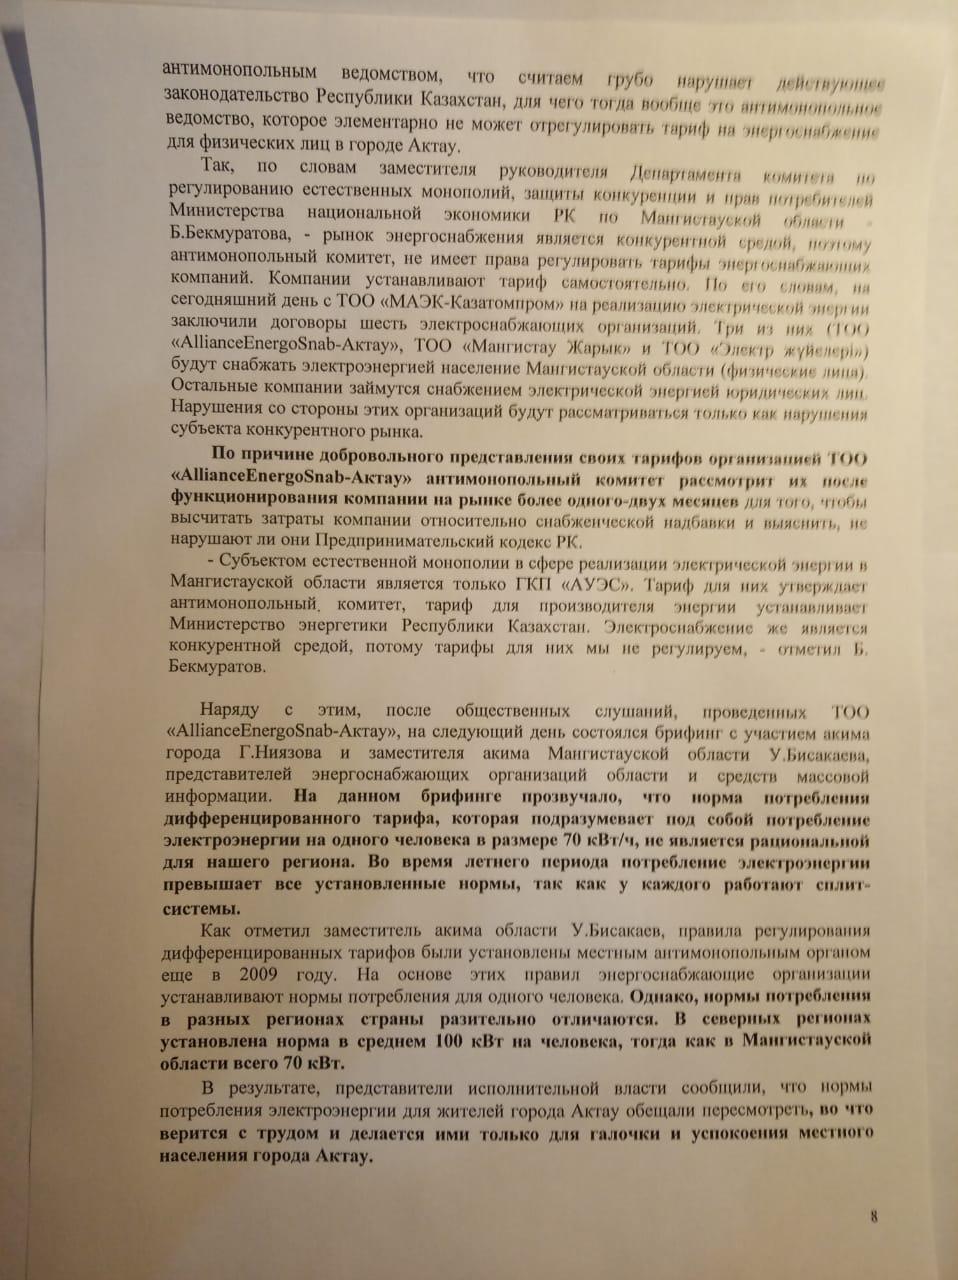 Жители Актау написали письмо президенту с просьбой проверить законность действий ТОО «АllianceEnergoSnab-Актау»